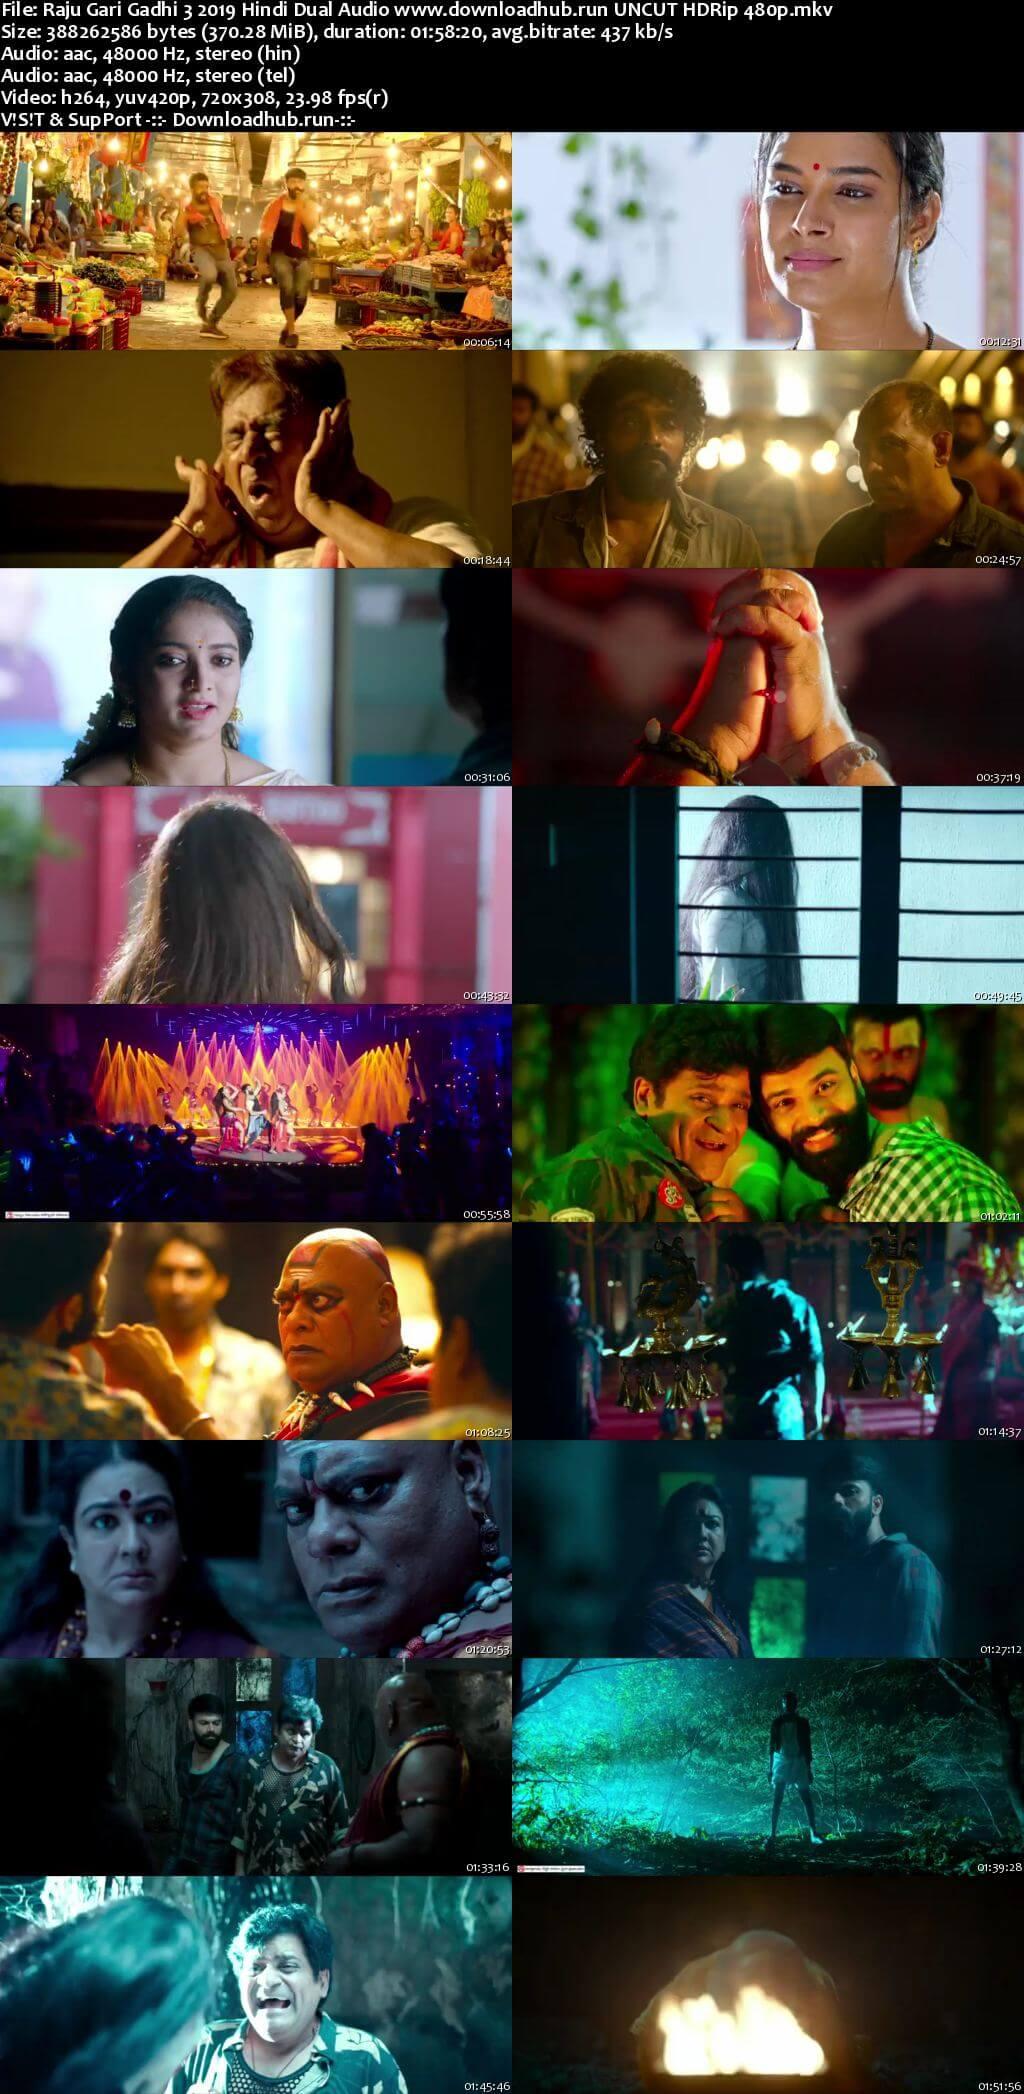 Raju Gari Gadhi 3 2019 Hindi Dual Audio 350MB UNCUT HDRip 480p